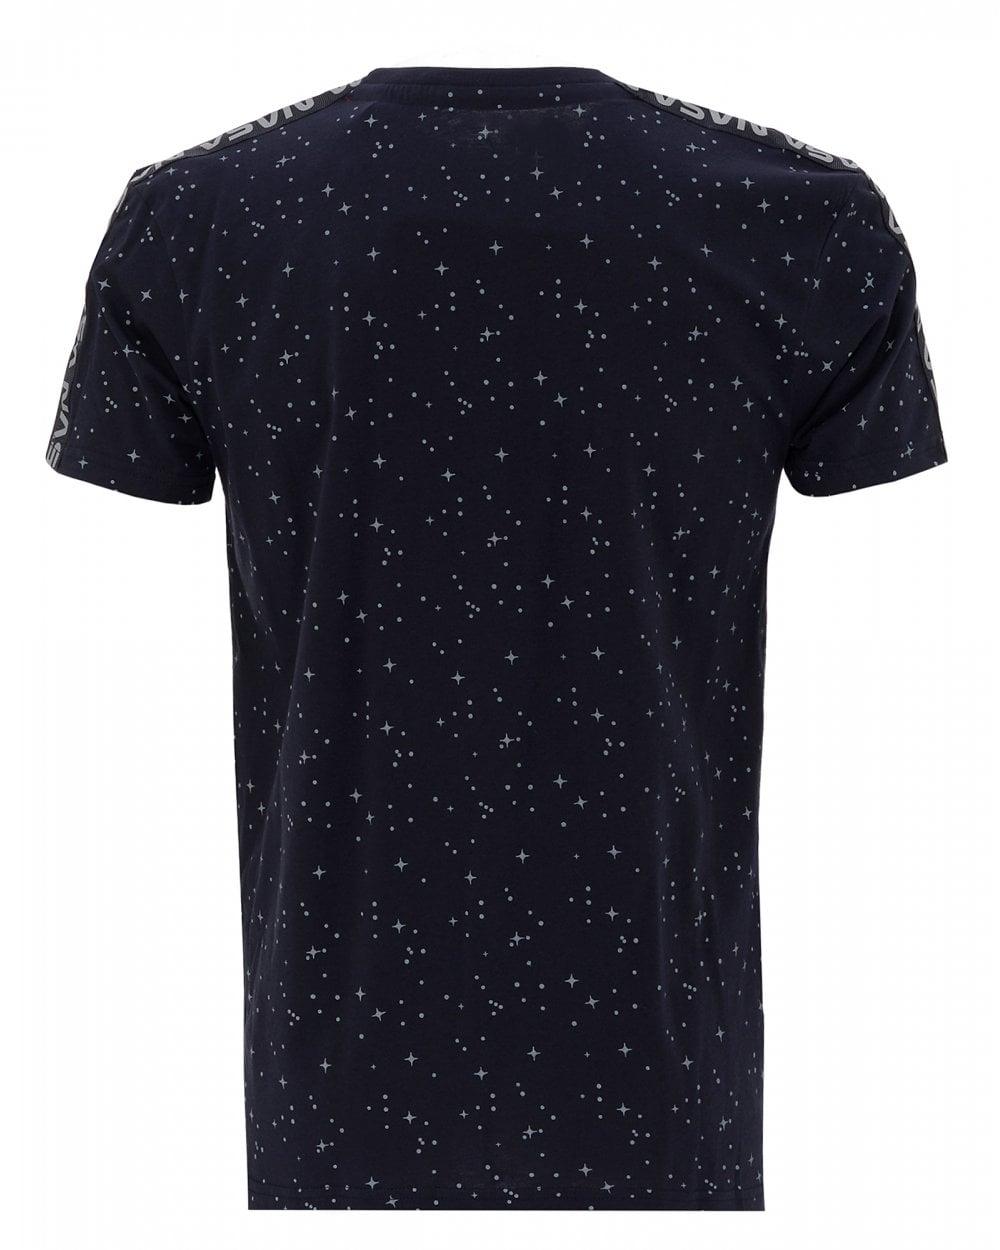 autoryzowana strona buty skate tanie jak barszcz Mens Navy NASA T-Shirt, Starry Tape Tee